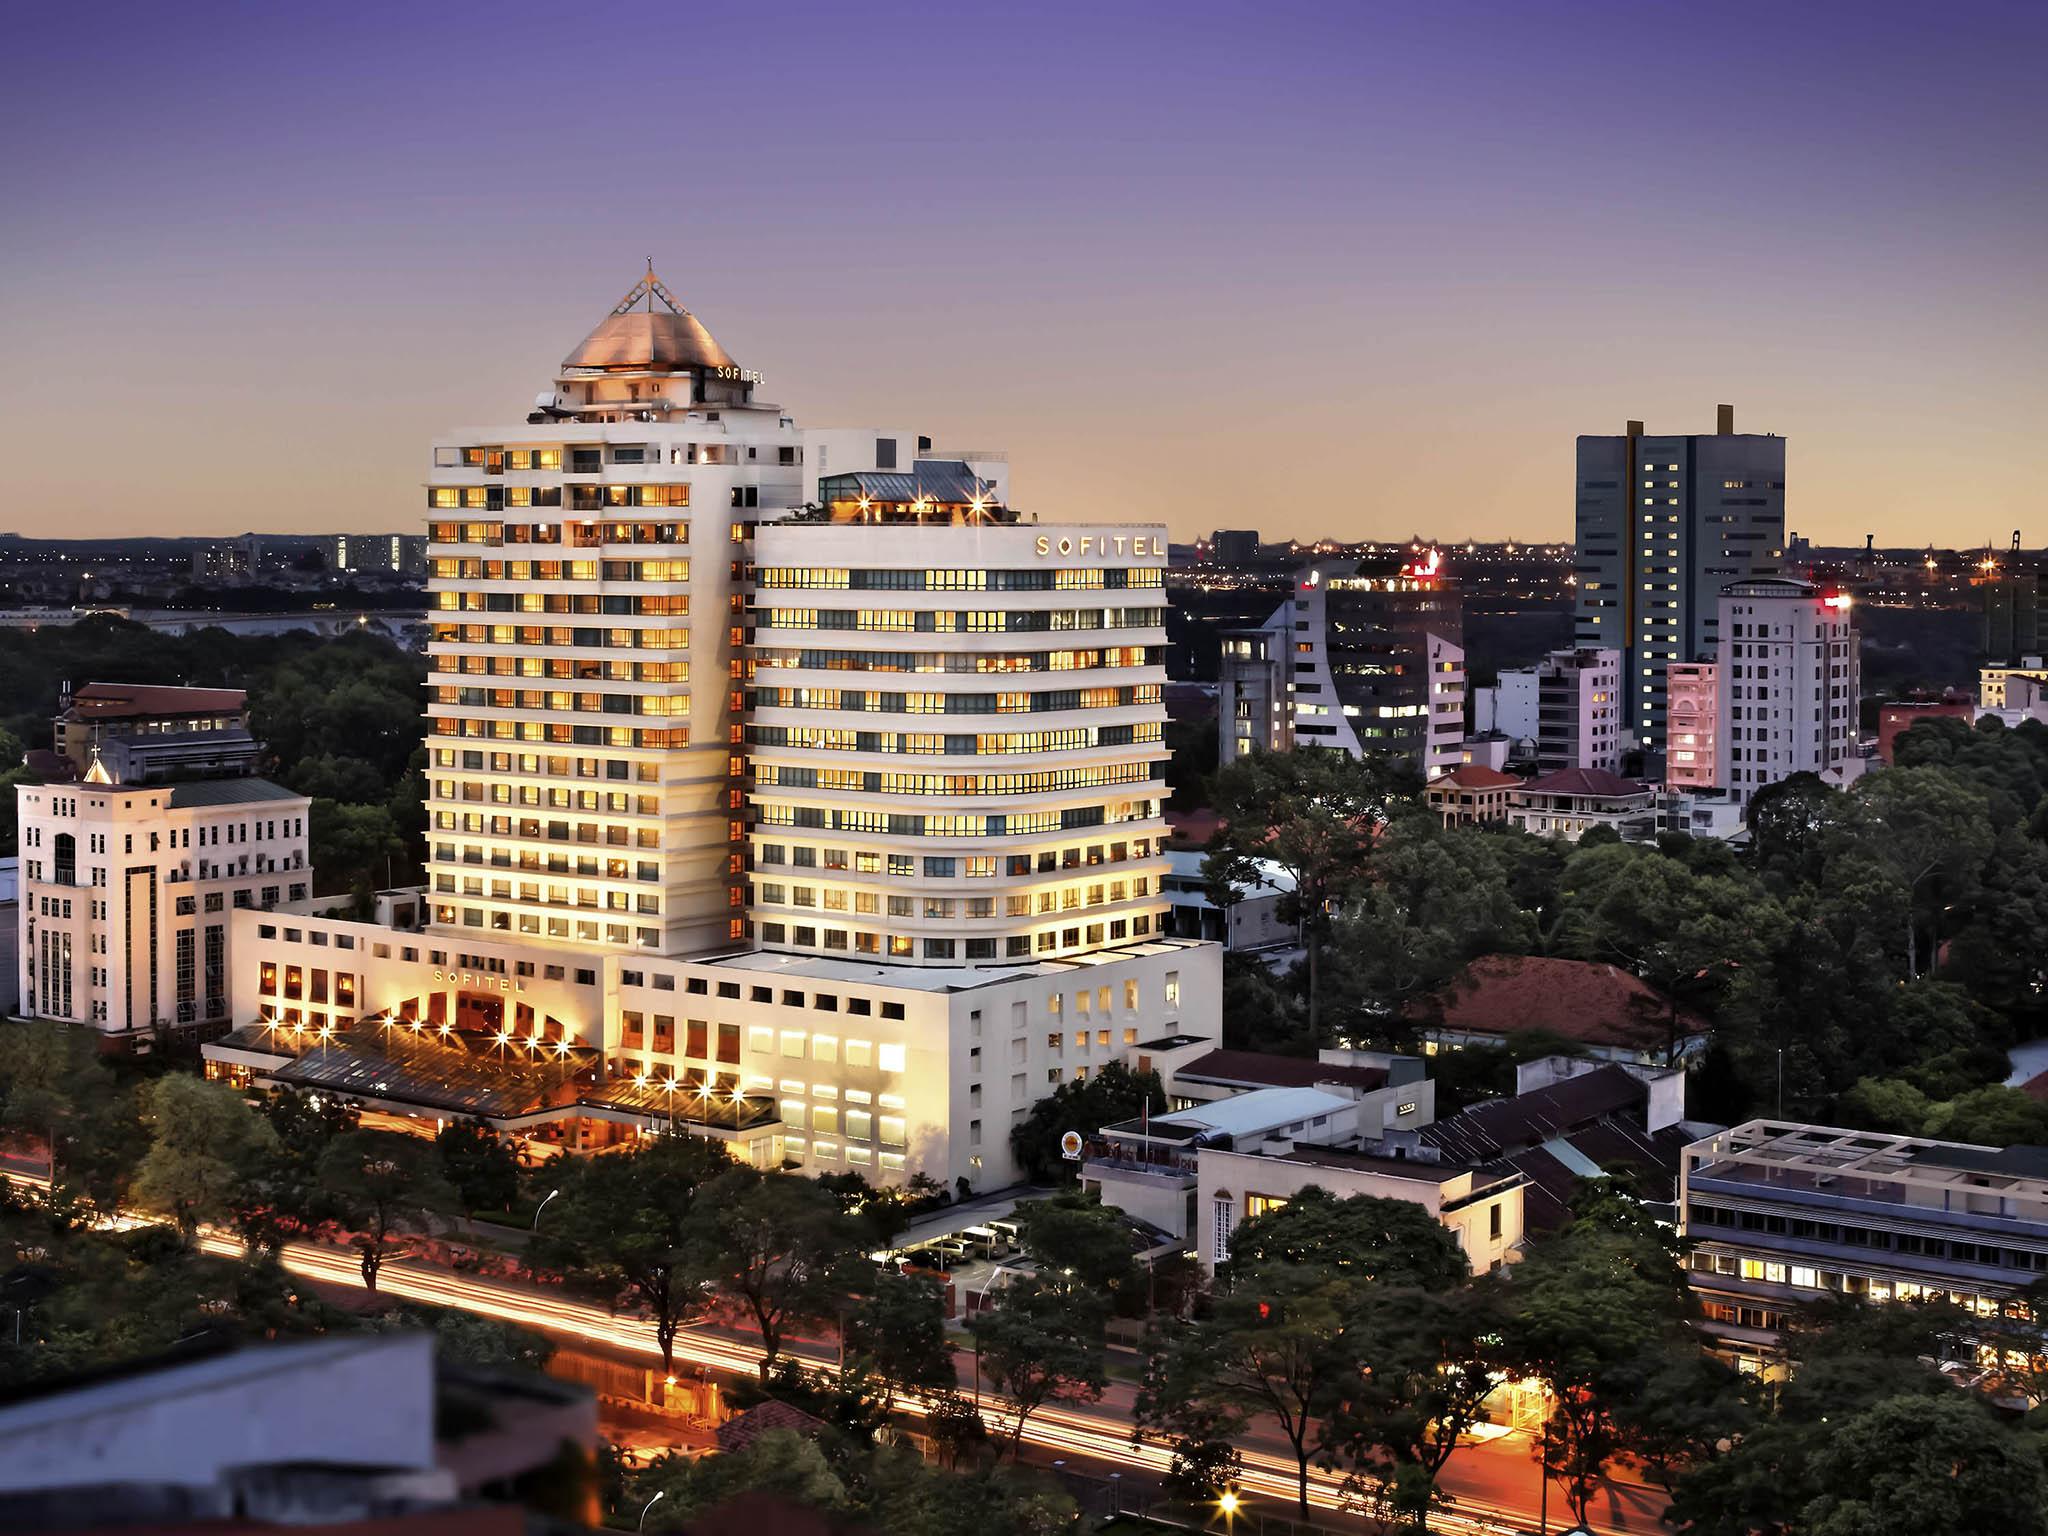 โรงแรม – โซฟิเทล ไซ่ง่อน พลาซ่า